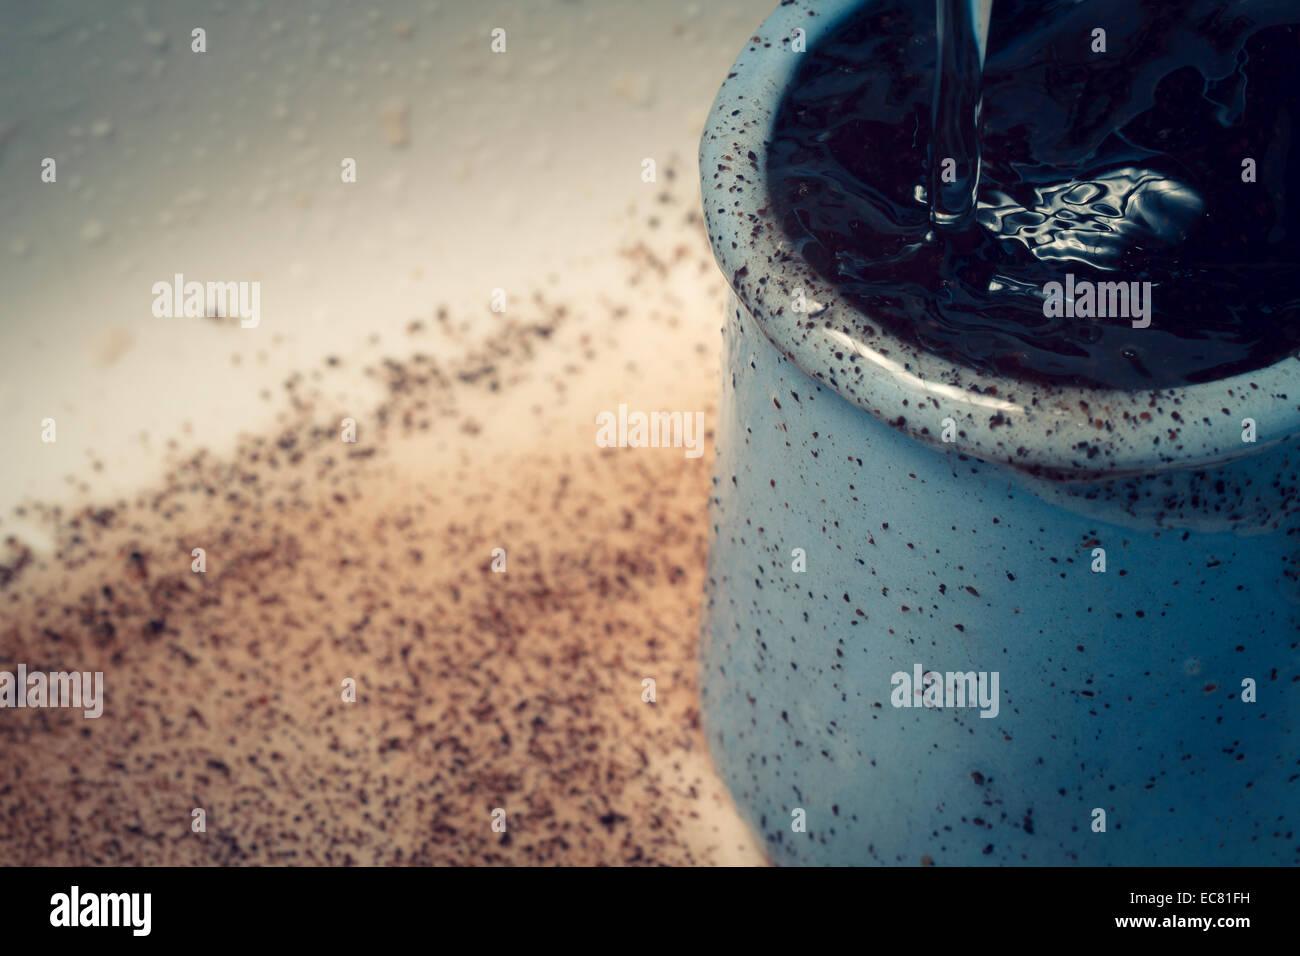 Tasse Container Topf mit Wasser und Kaffee-Garten Stockbild